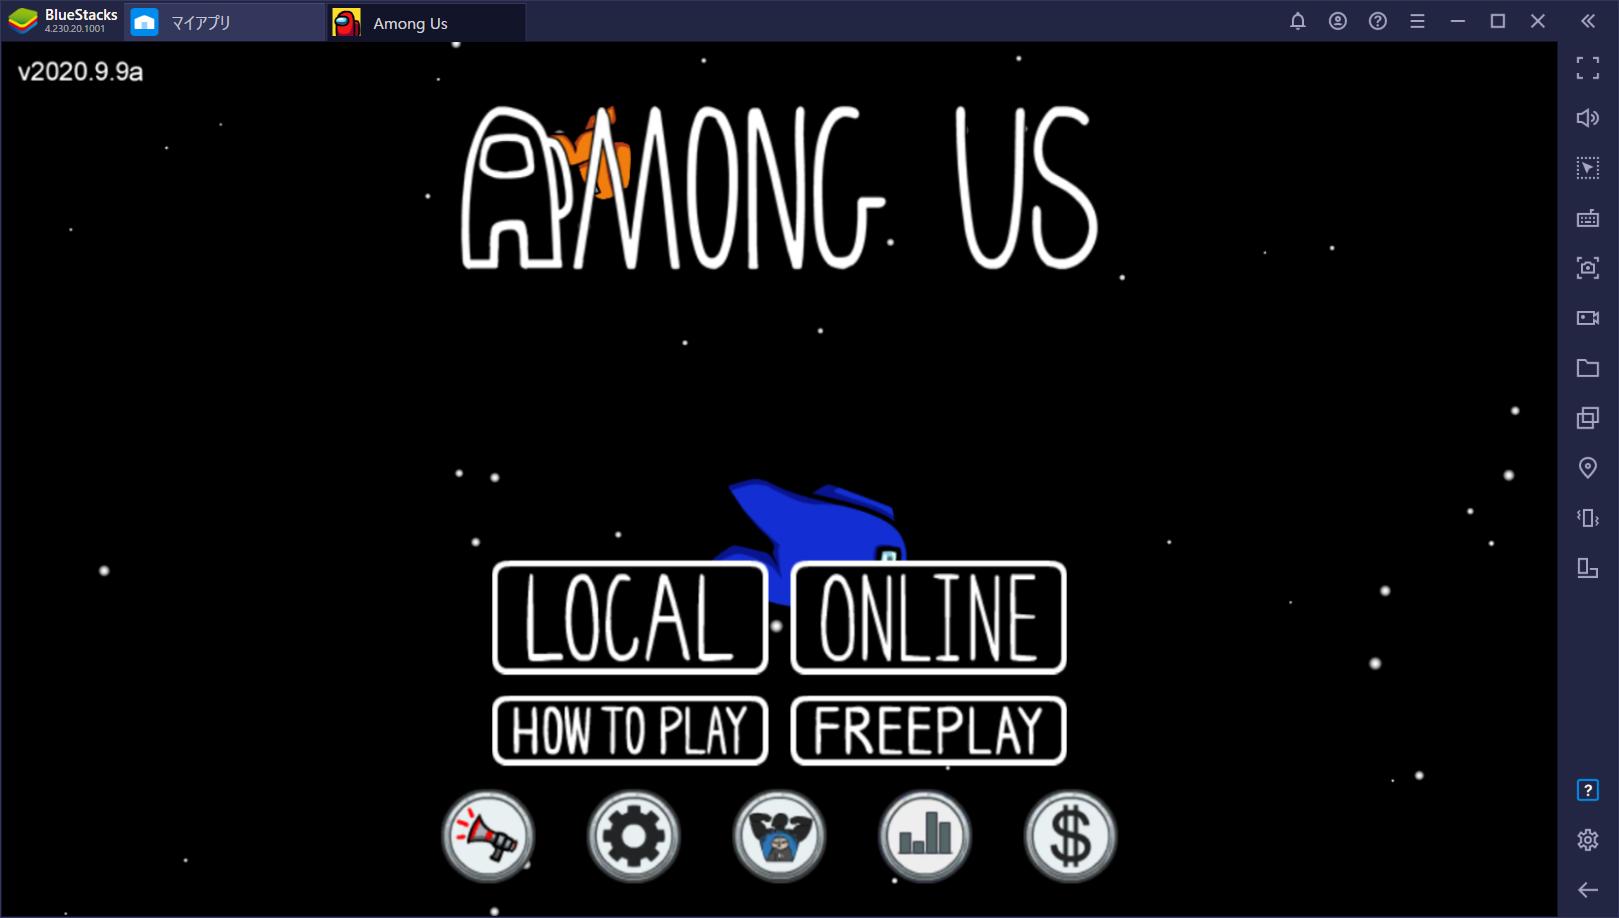 BlueStacks:『Among Us』をボイスチャットを使って遊んでみよう